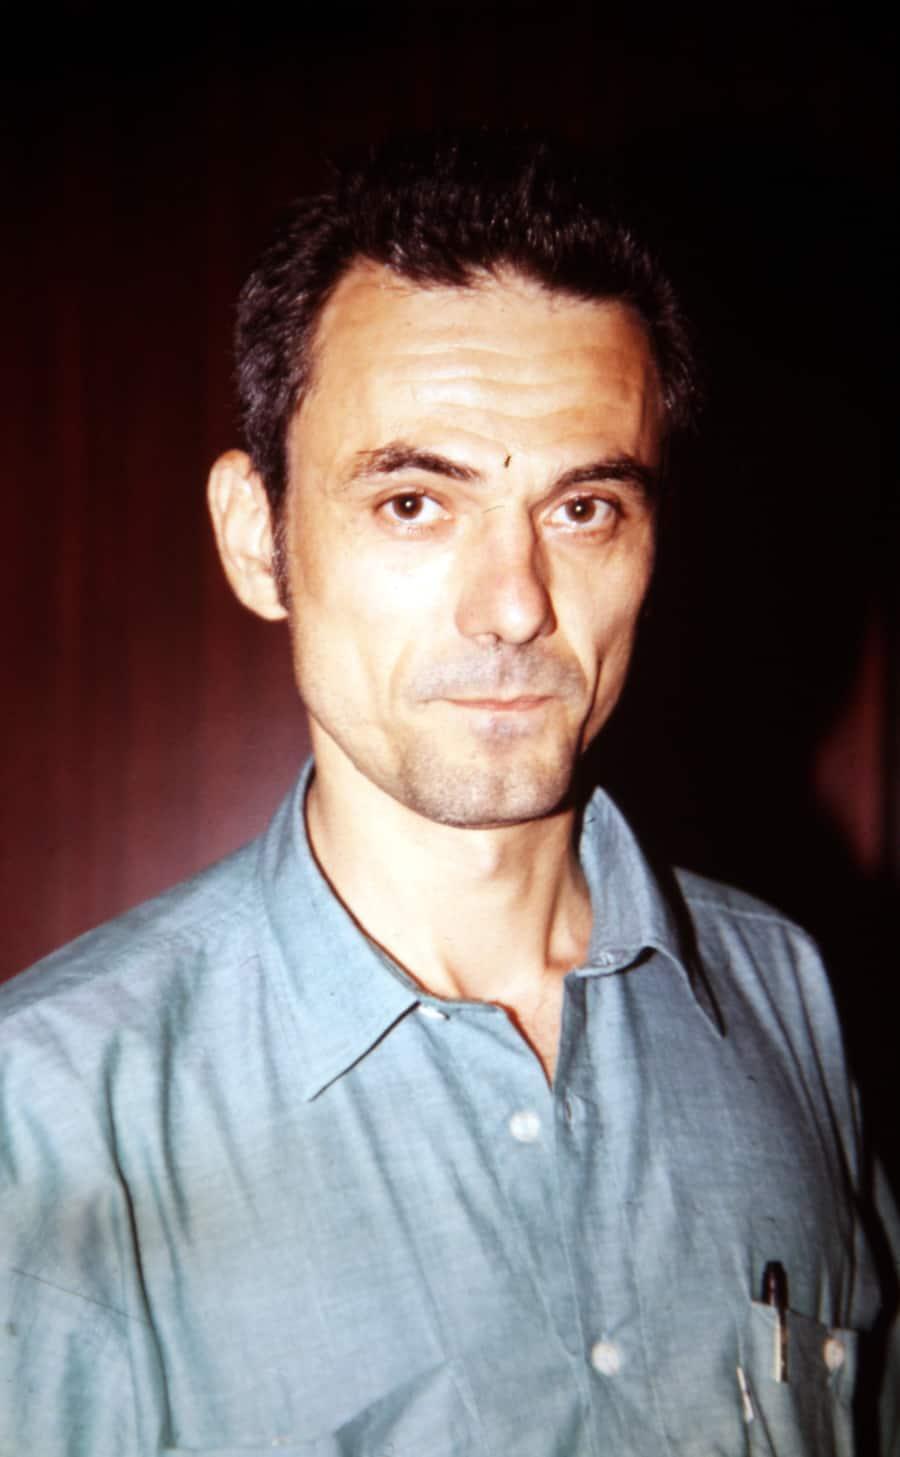 Gusztav Hamos, 1991. Foto di Enrico Cocuccioni. Rassegna internazionale video d'autore. Taormina.